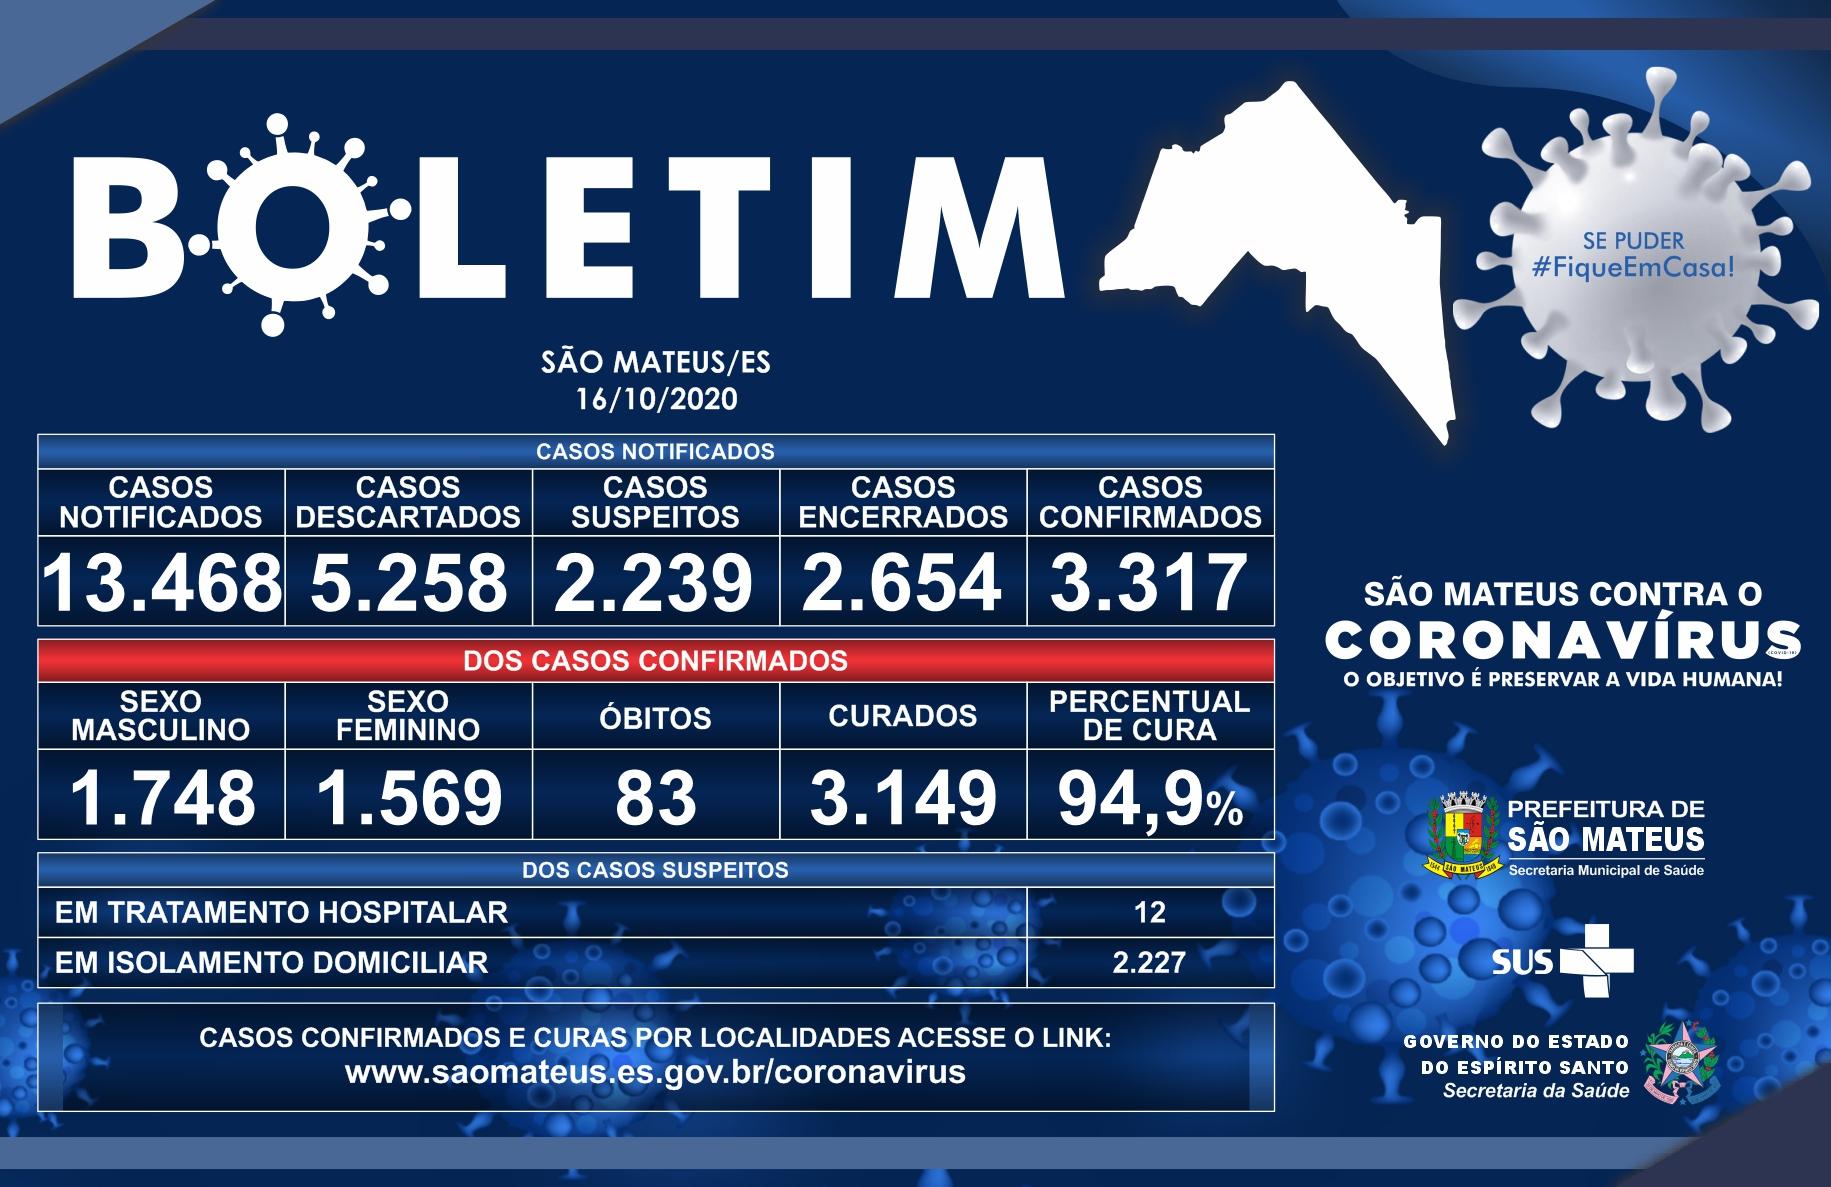 SÃO MATEUS CHEGA A 3.317 CASOS CONFIRMADOS DE CORONAVÍRUS NESTA SEXTA-FEIRA (16)